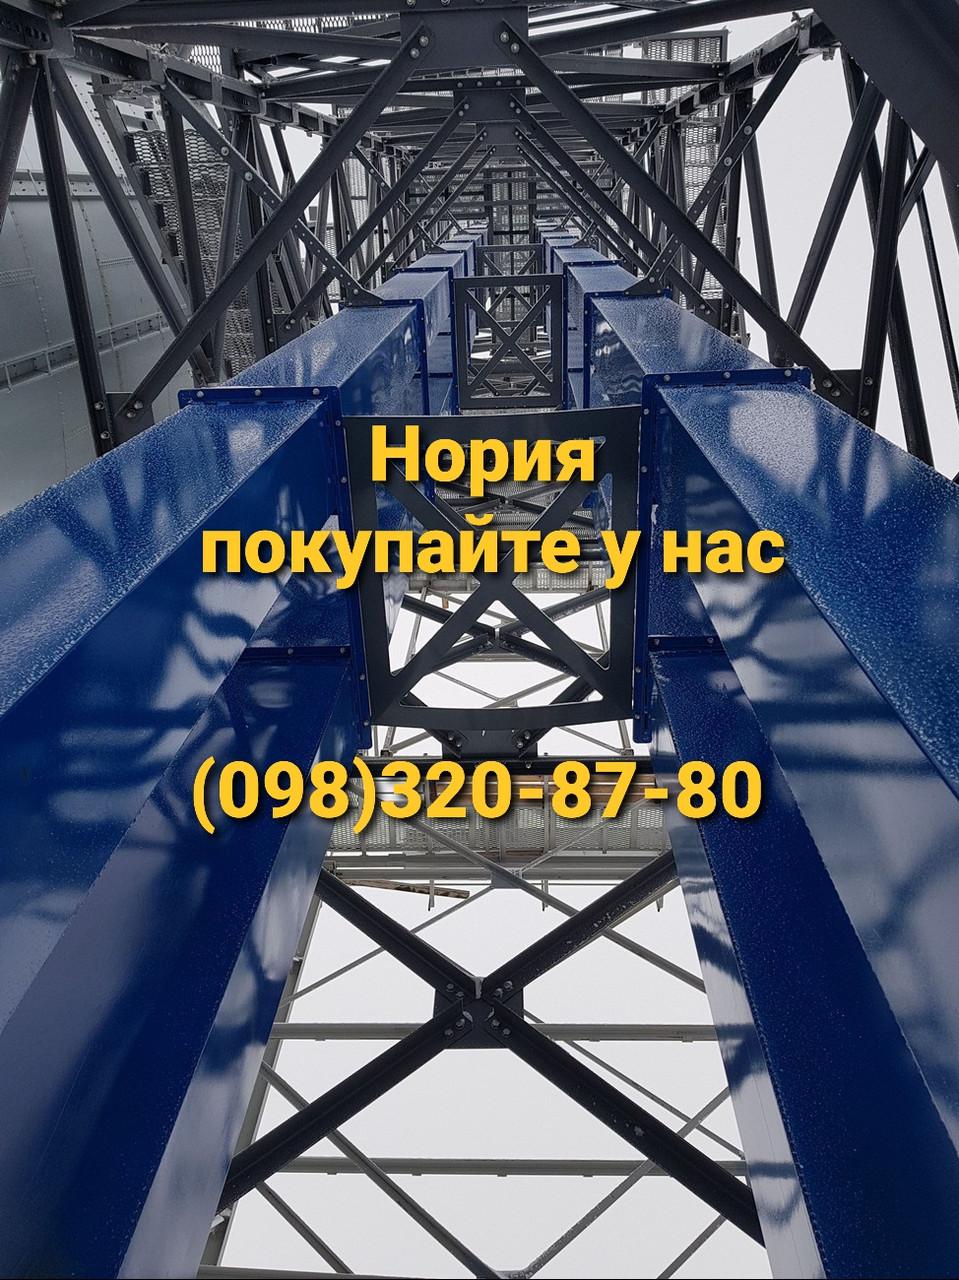 Нория ленточная ковшовая НЛК 100 транспортер навозный цена